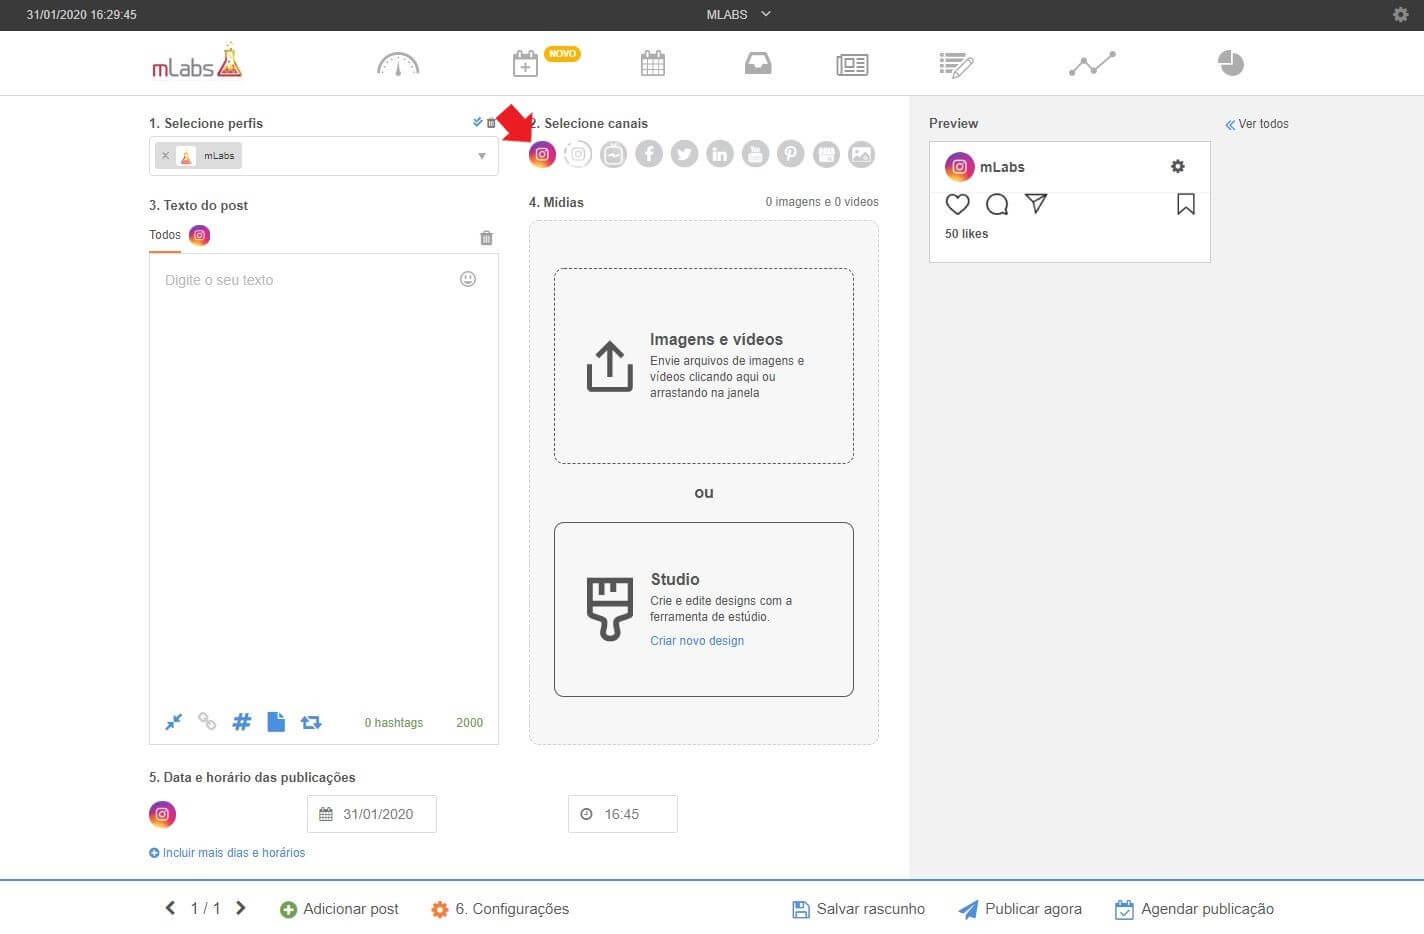 Criar Posts: imagem da tela de agendamento da mLabs